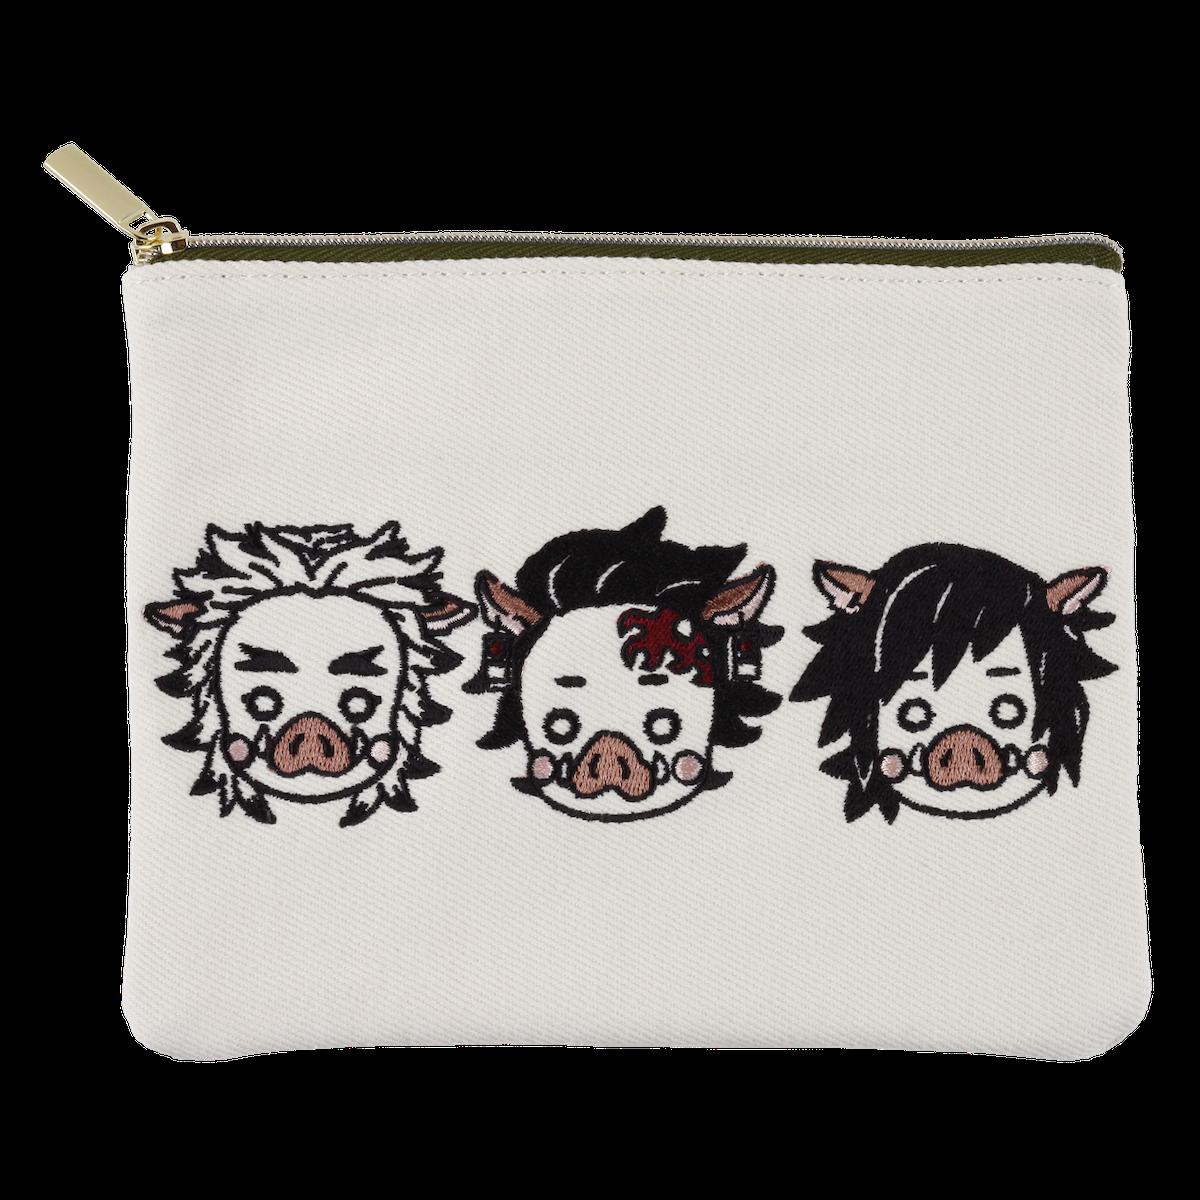 刺繍ポーチ うりじろう&うりおか&うりごく  1,980円(税込) ©吾峠呼世晴/集英社